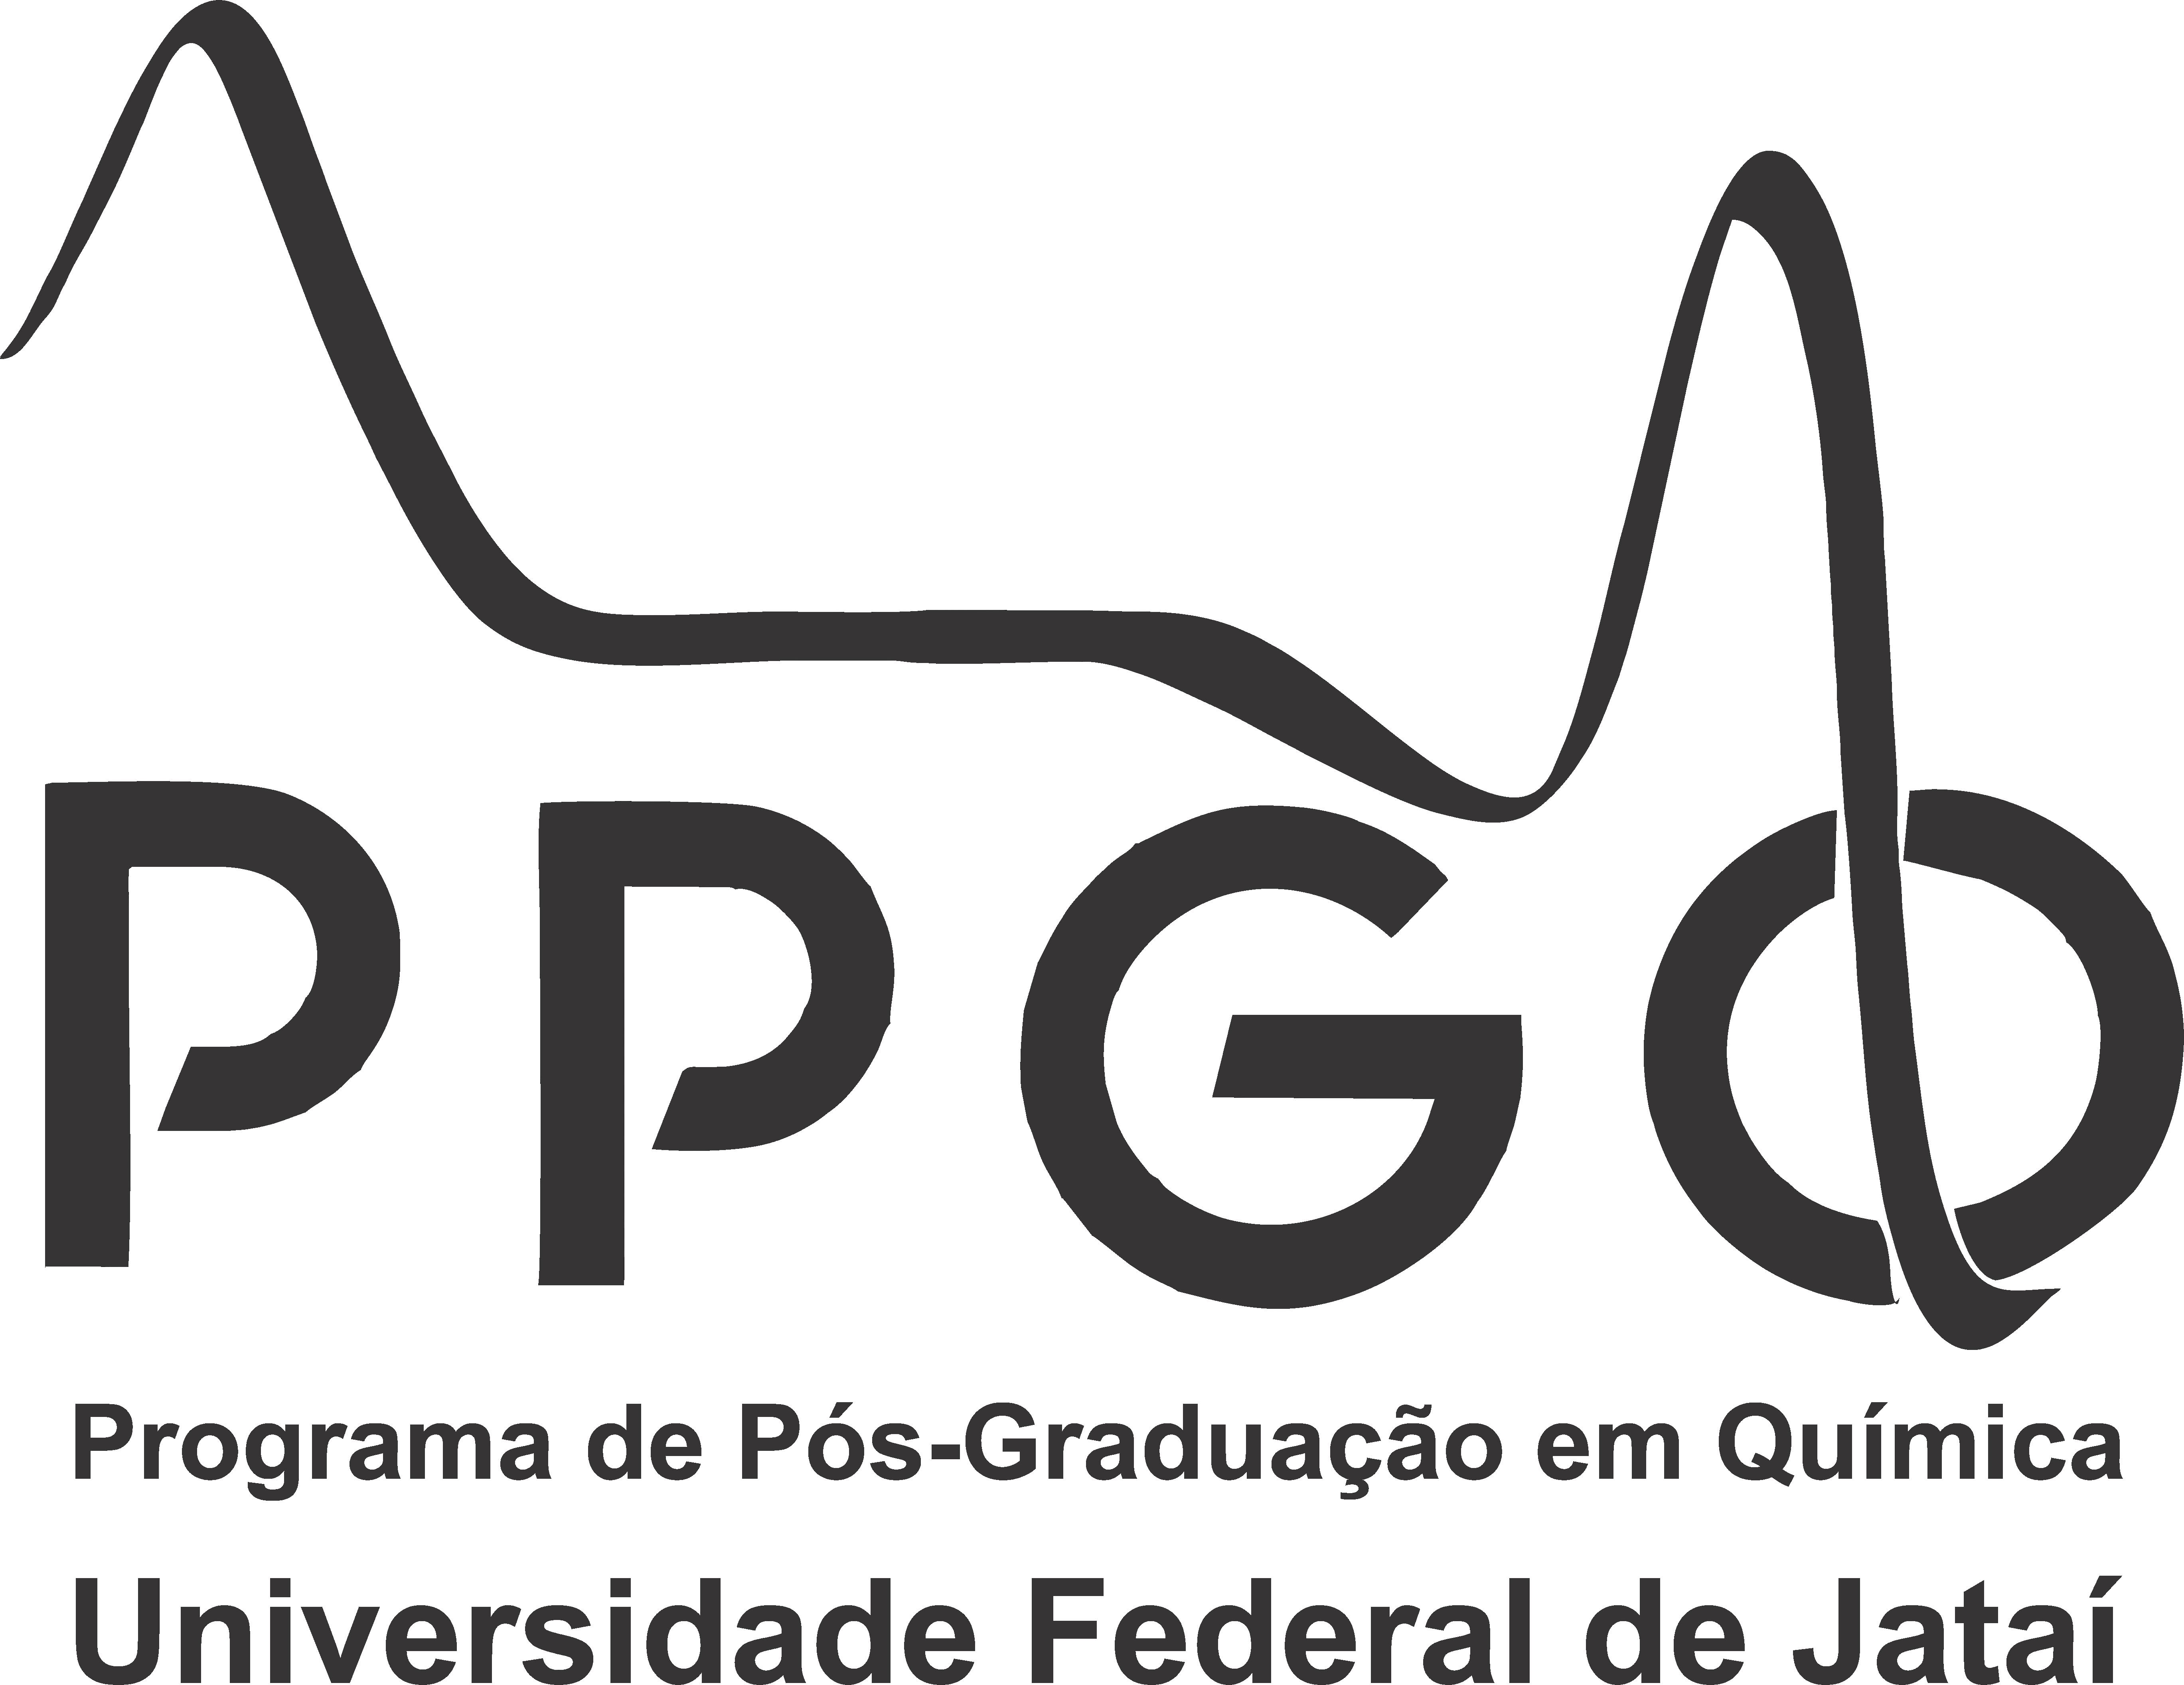 Logomarca 8